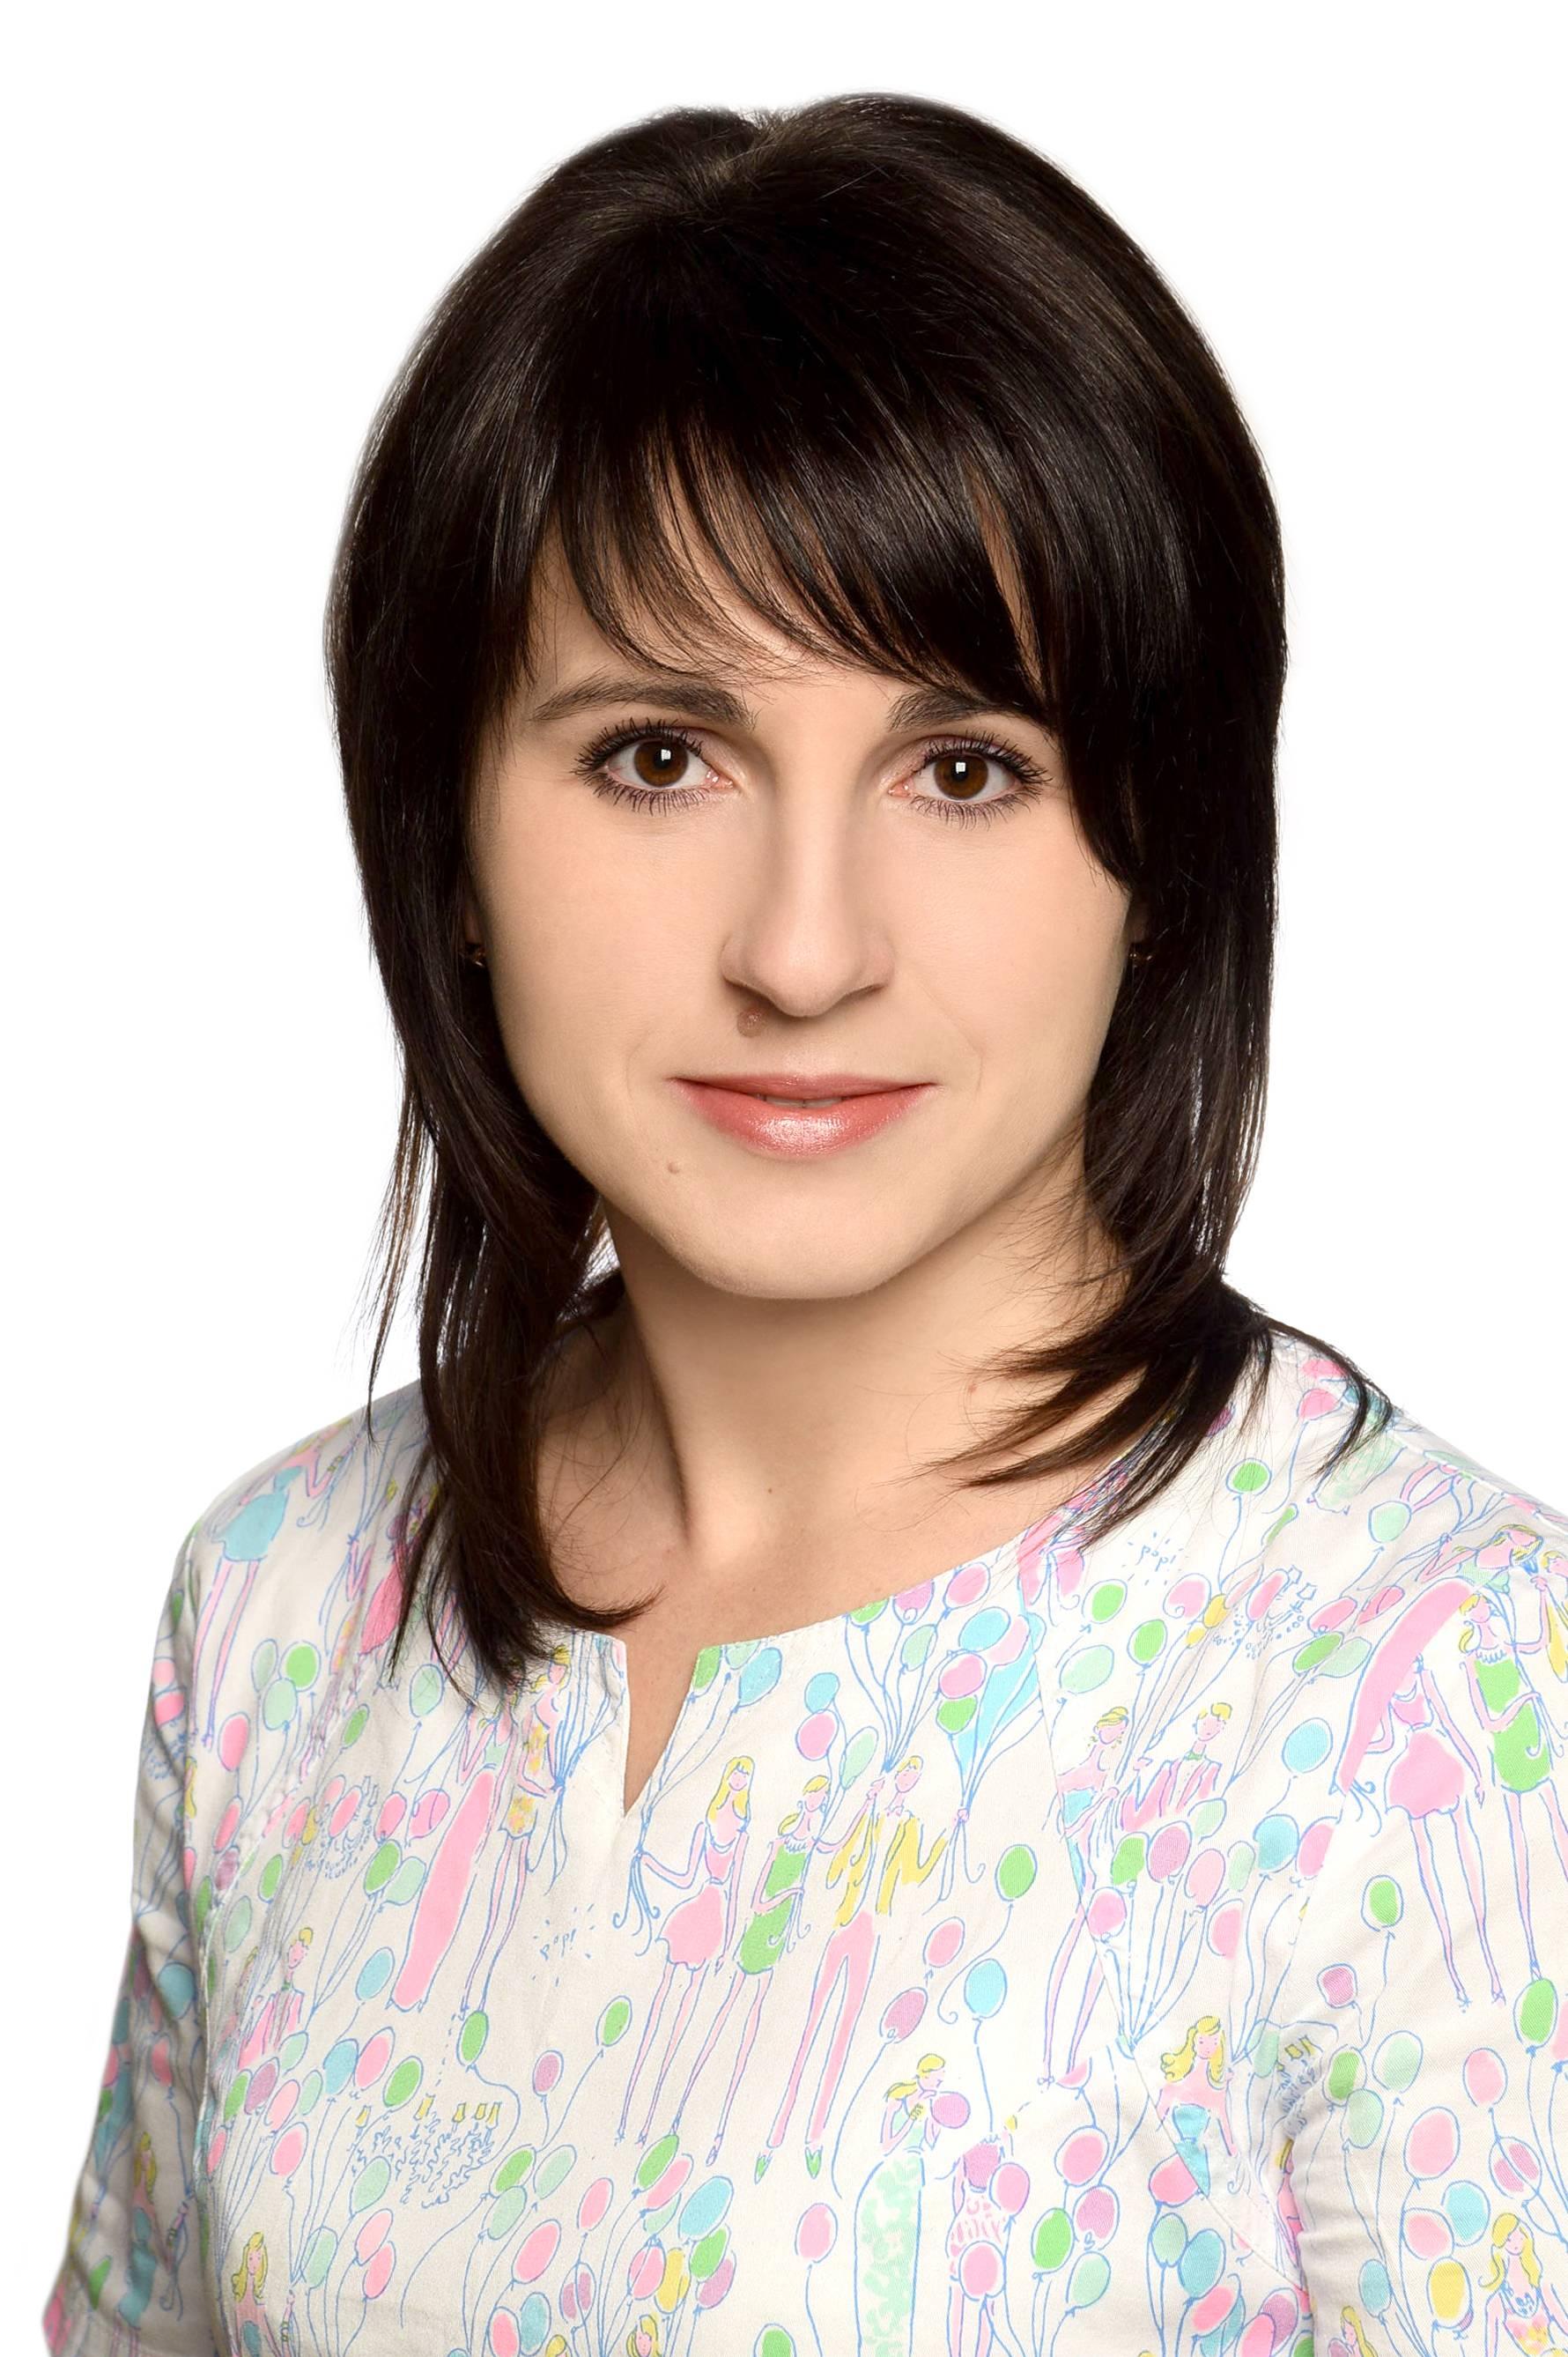 Писковец<br> Наталья Анатольевна